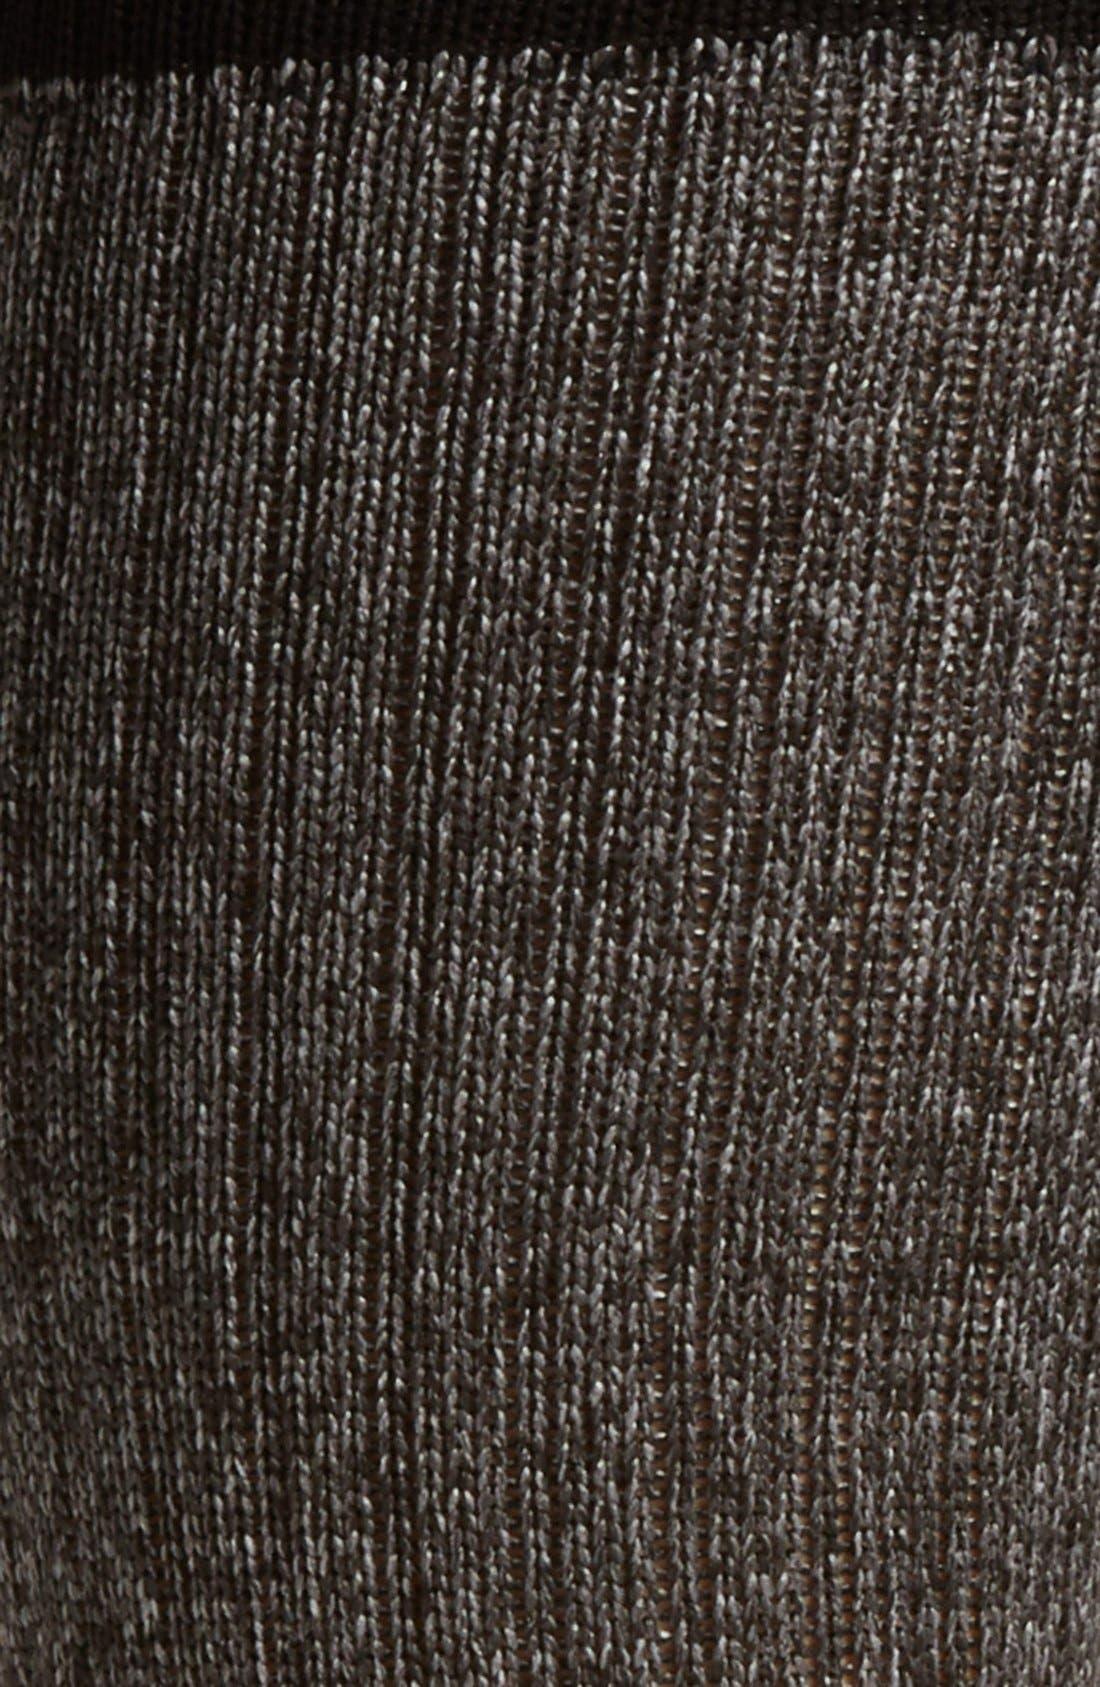 Alternate Image 2  - Remo Tulliani 'Taos' Socks